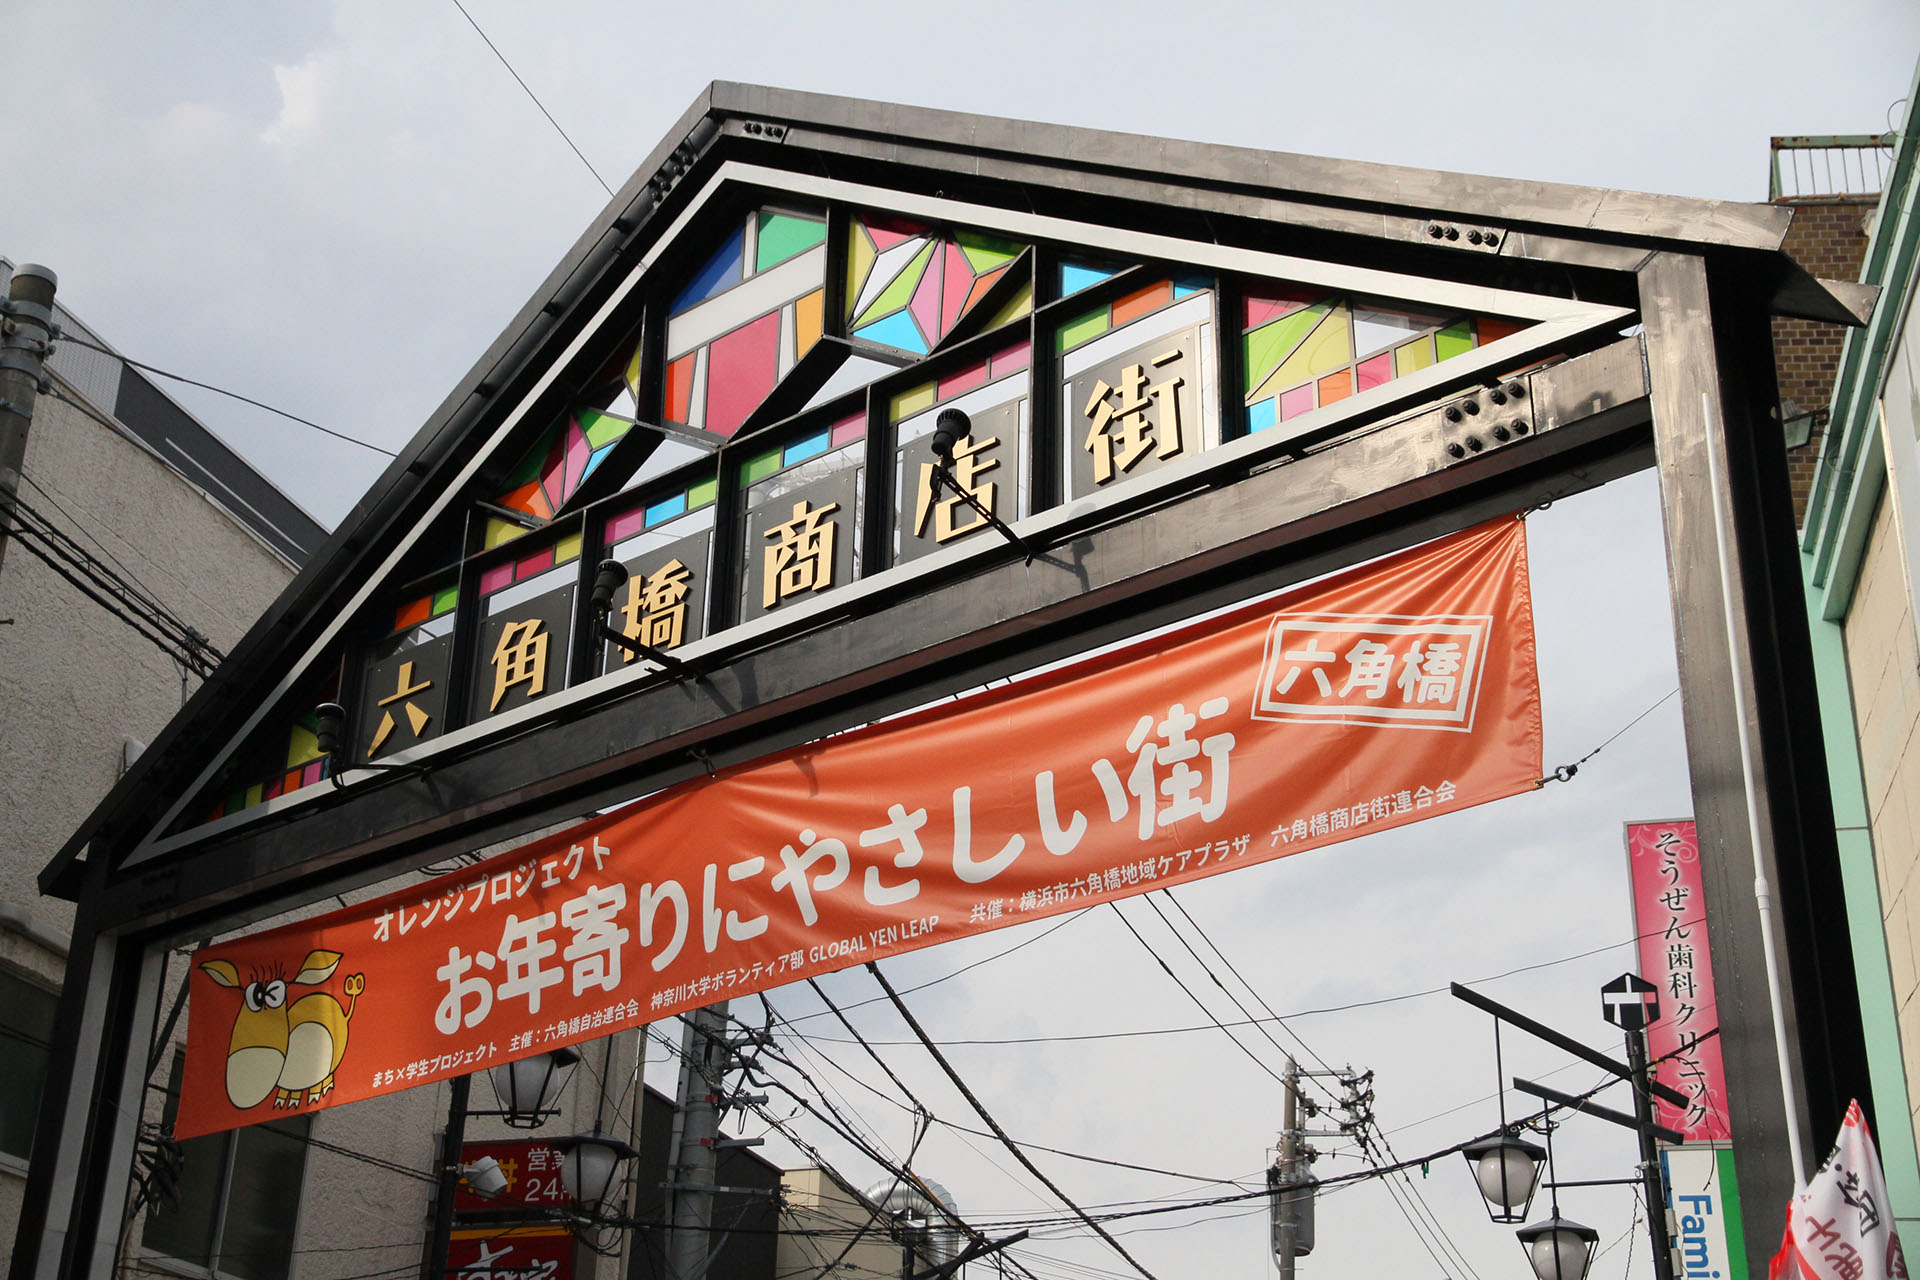 <まち×学生プロジェクト>課外活動団体が地域と連携し、認知症への理解を促す事業「オレンジプロジェクト」を開催 -- 神奈川大学